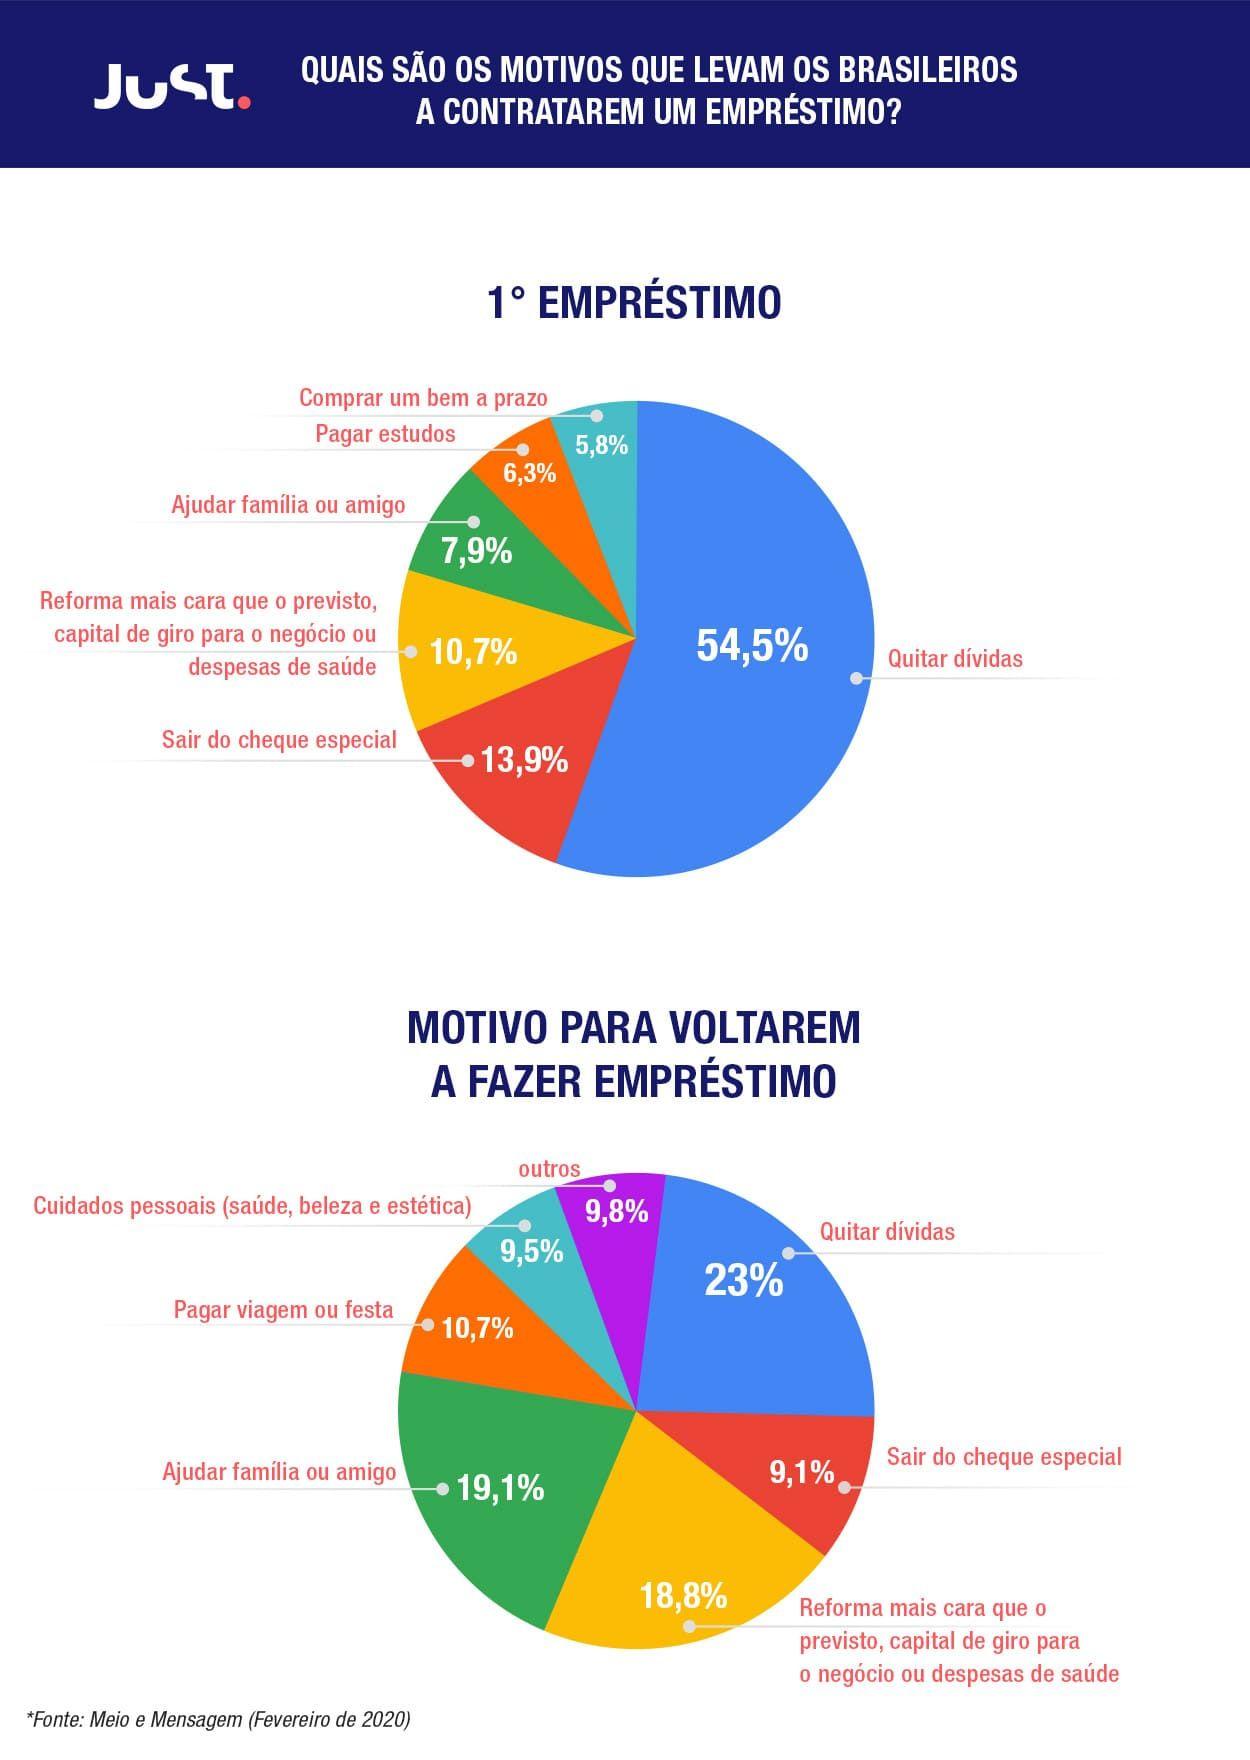 Infografico dos motivos que levam os brasileiros a fazerem emprestimo